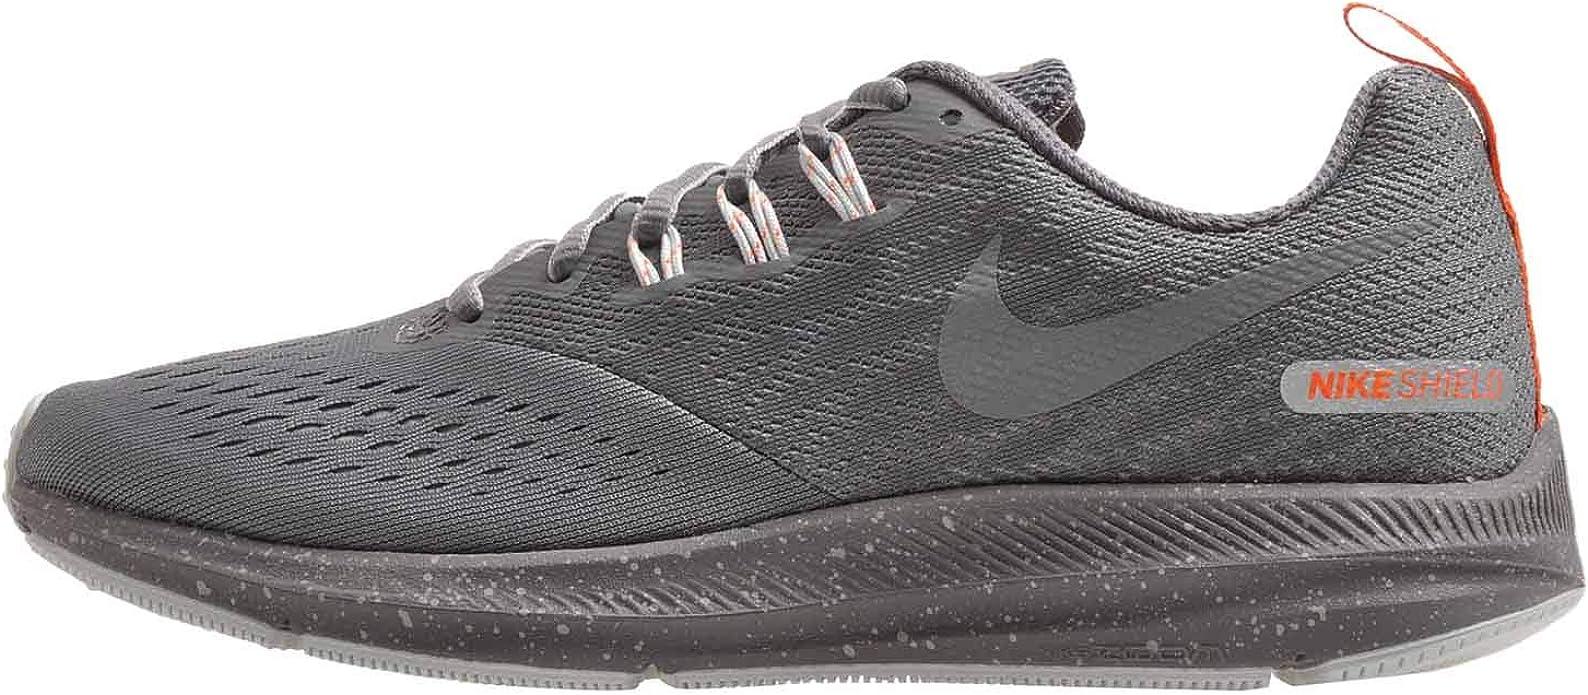 Nike Wmns Zoom Winflo 4 Shield, Zapatillas de Running para Mujer, Multicolor (Cool Grey/Mtlc Cool Grey/Wolf Grey 004), 36.5 EU: Amazon.es: Zapatos y complementos